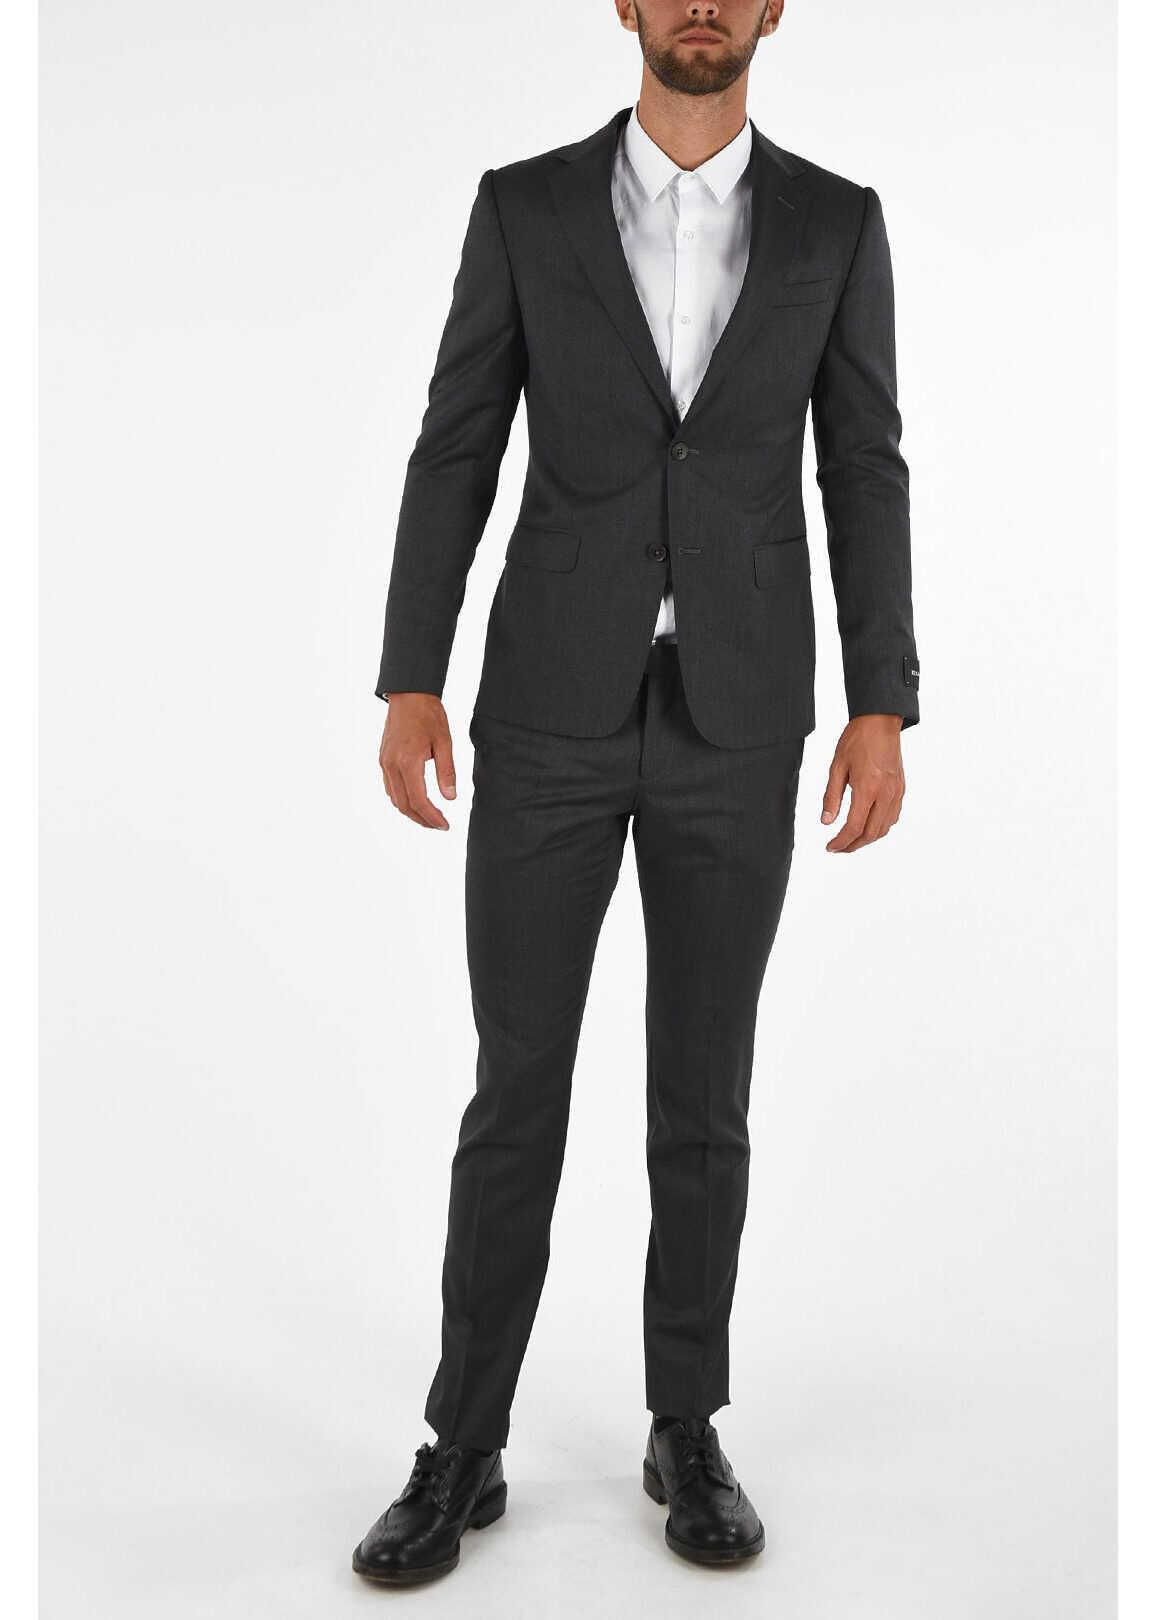 Ermenegildo Zegna ZZEGNA Flap Pocket 2 Button Suit GRAY imagine